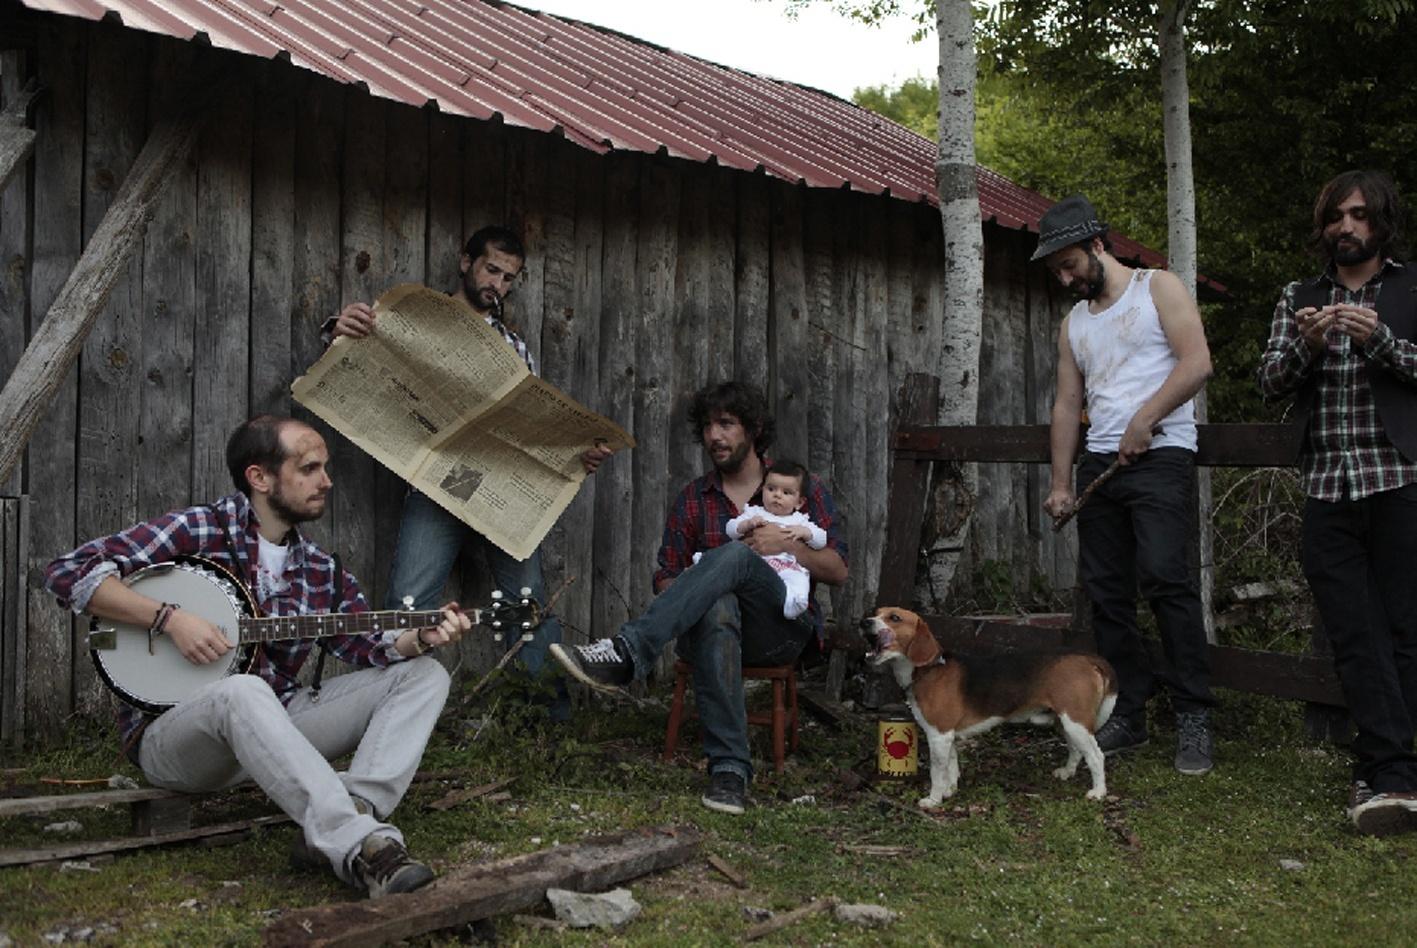 Continúa este viernes el ciclo de música indie en Civivox San Jorge con la actuación del grupo Innerve